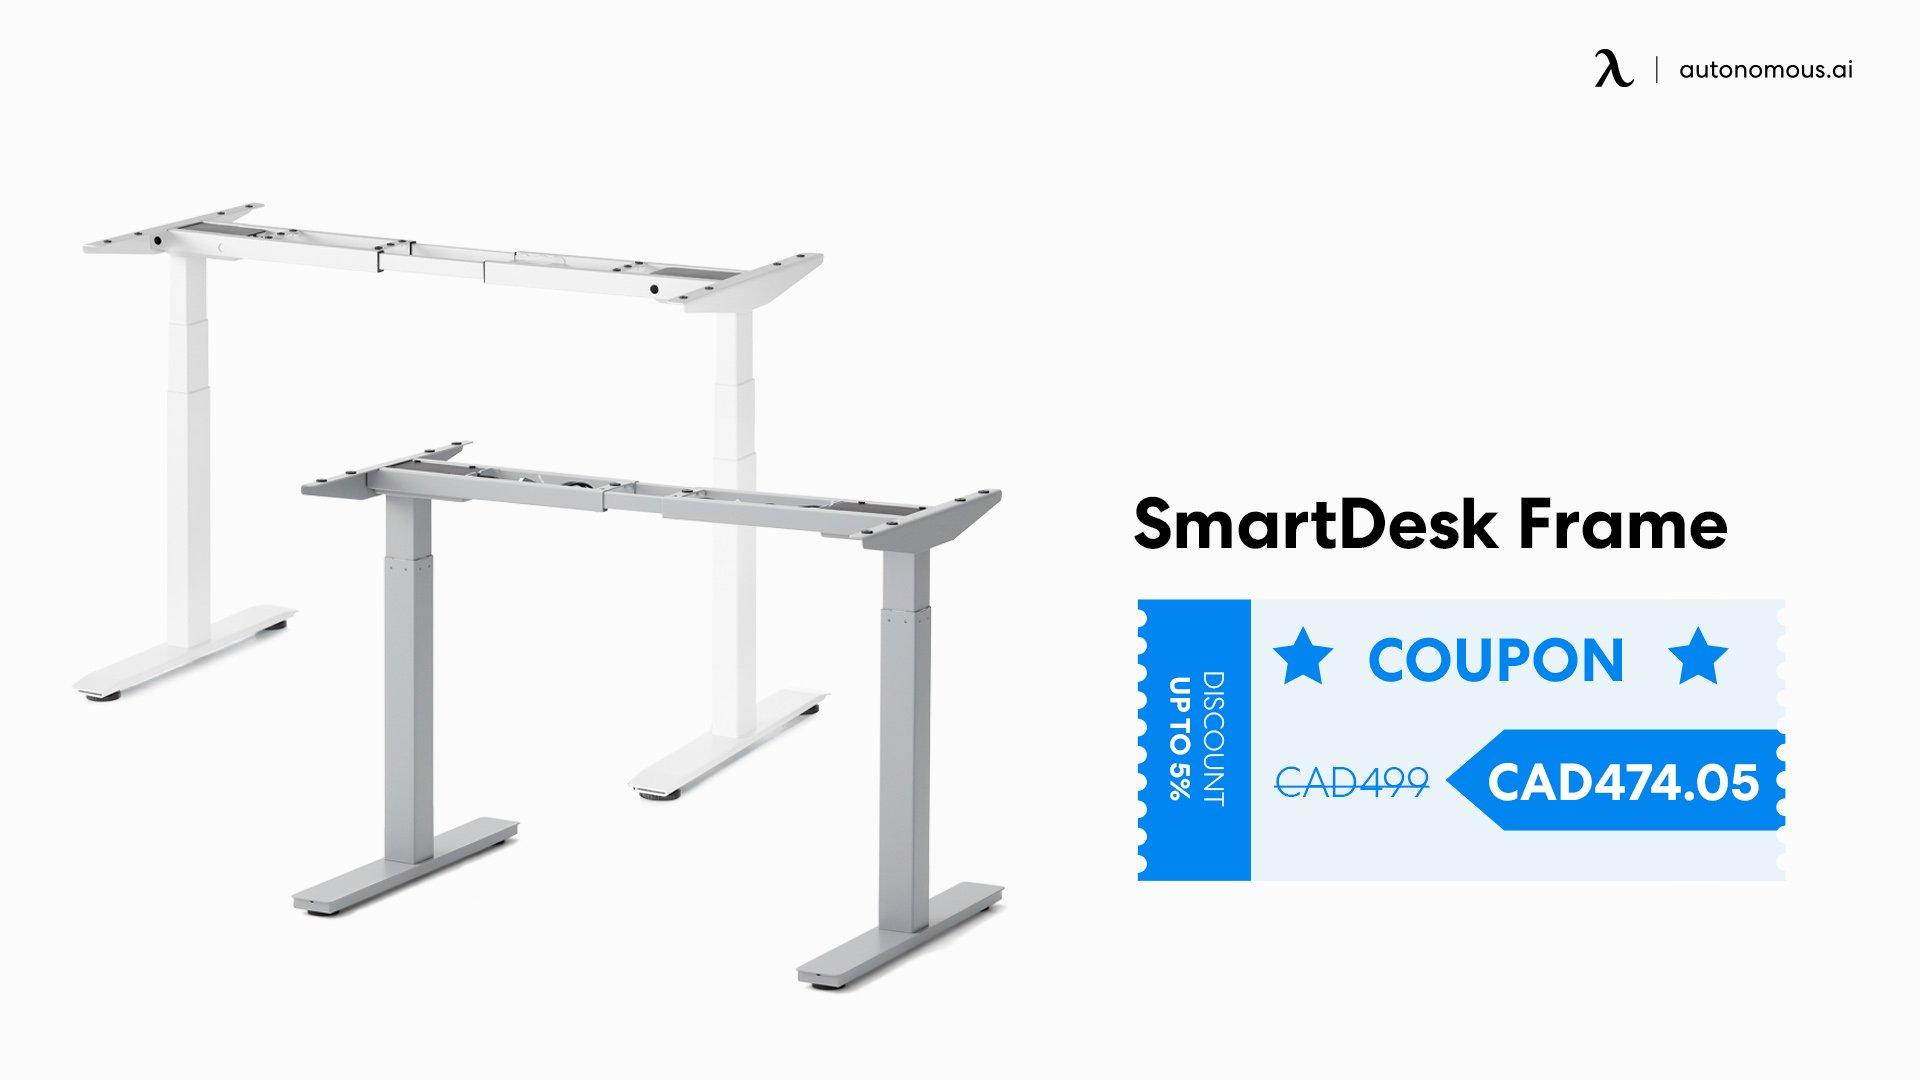 SmartDesk Frame